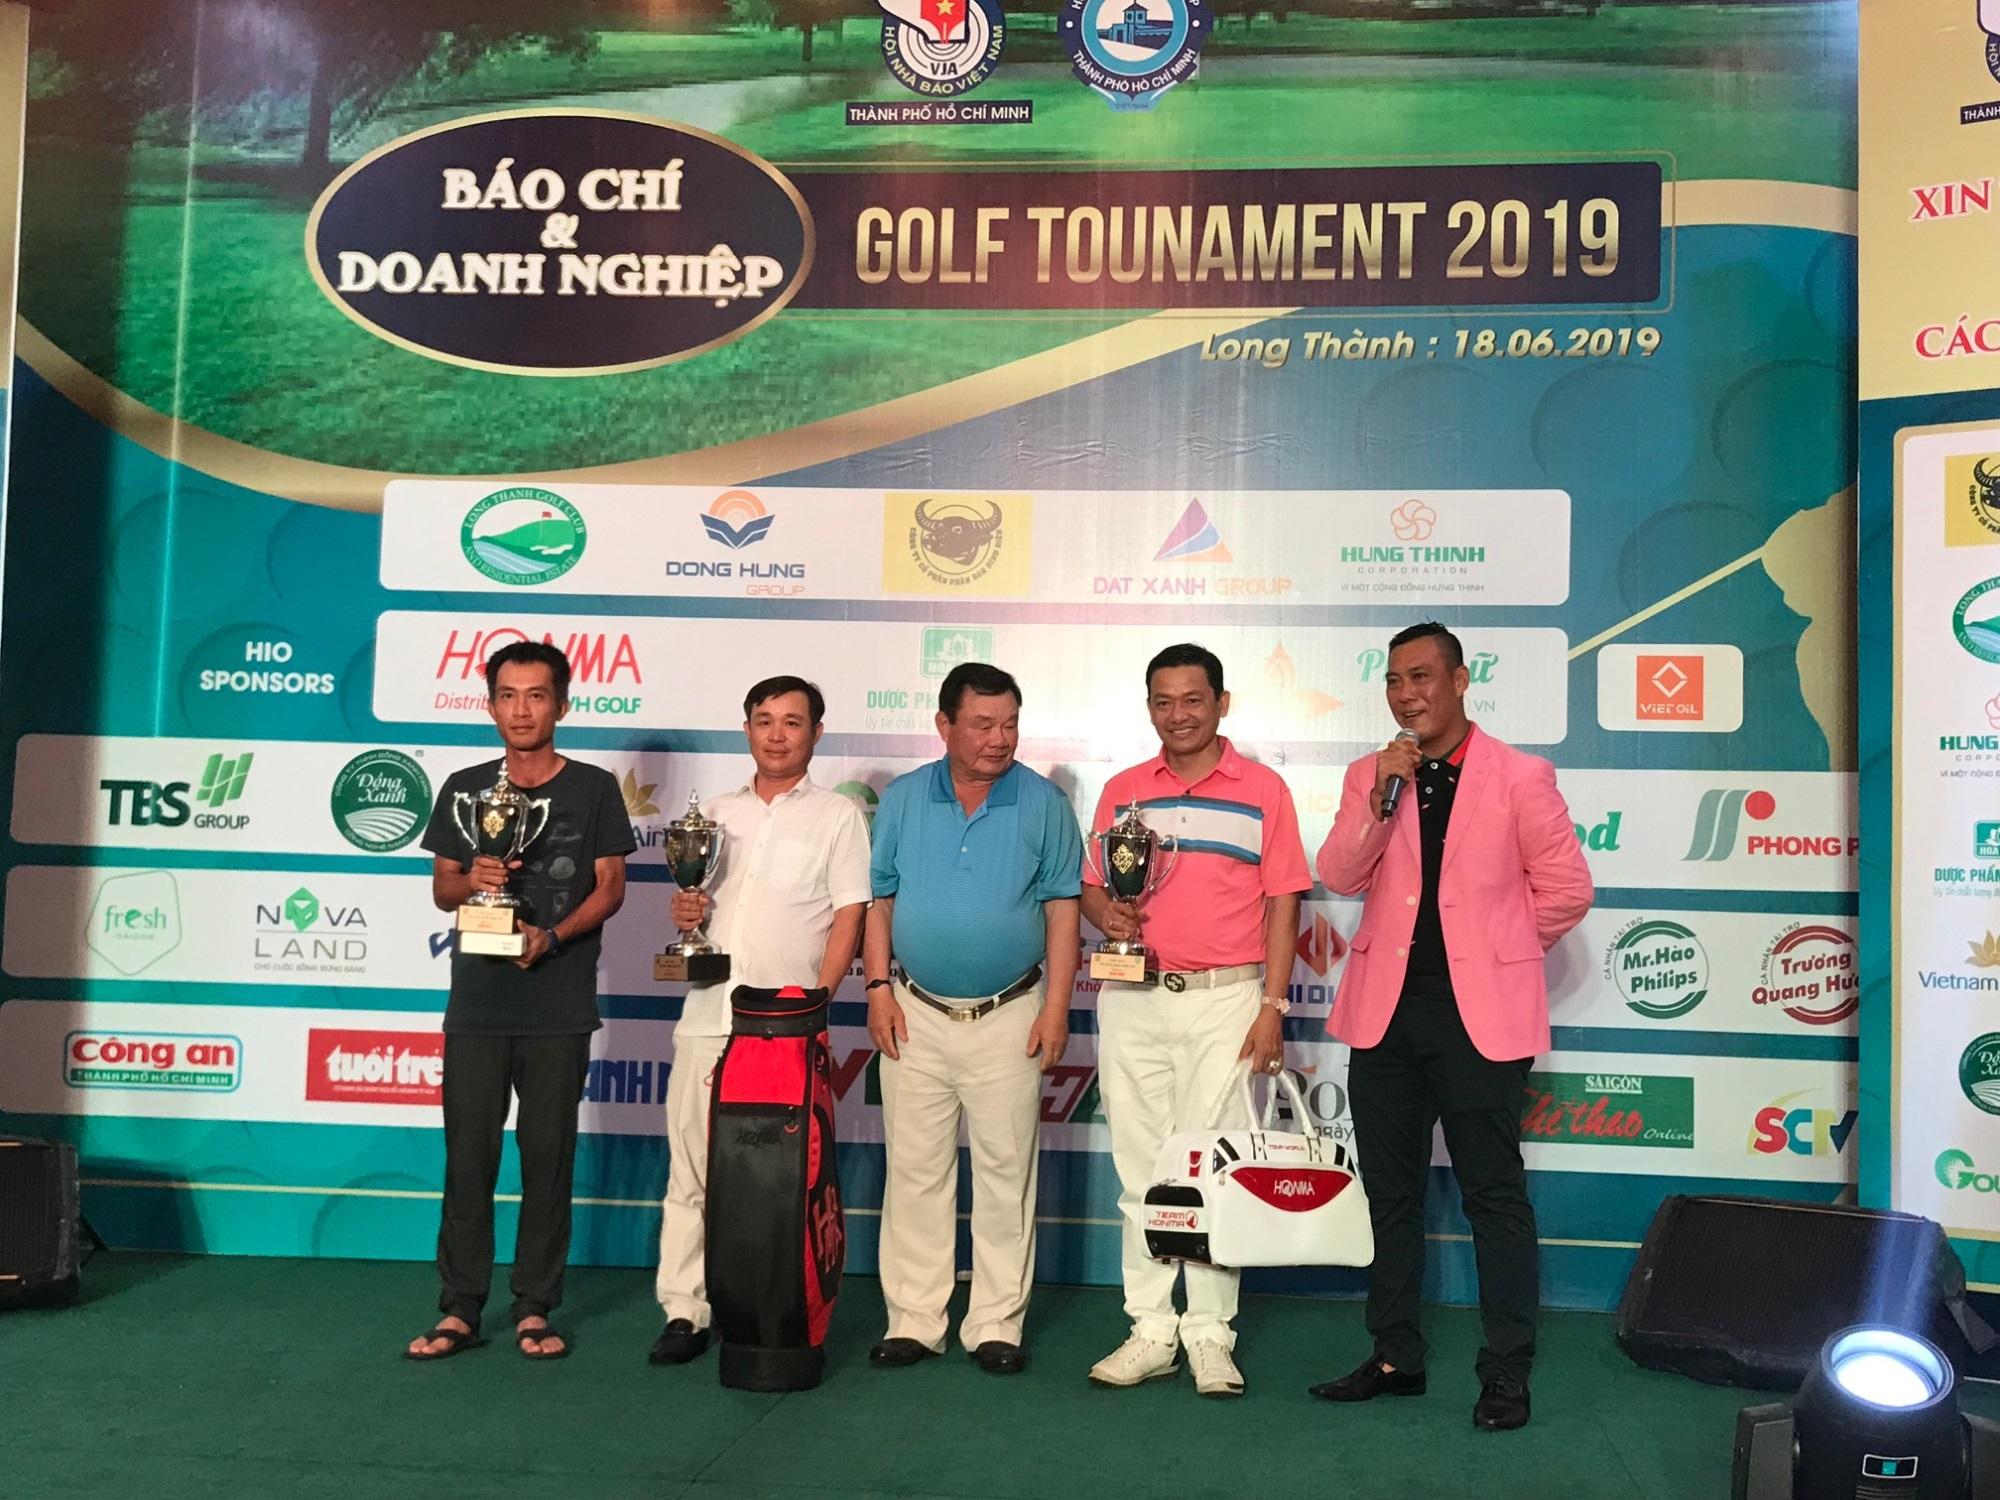 Tưng bừng giải Golf Báo chí và Doanh nghiệp 2019 mừng ngày Báo chí Cách mạng Việt Nam - Ảnh 6